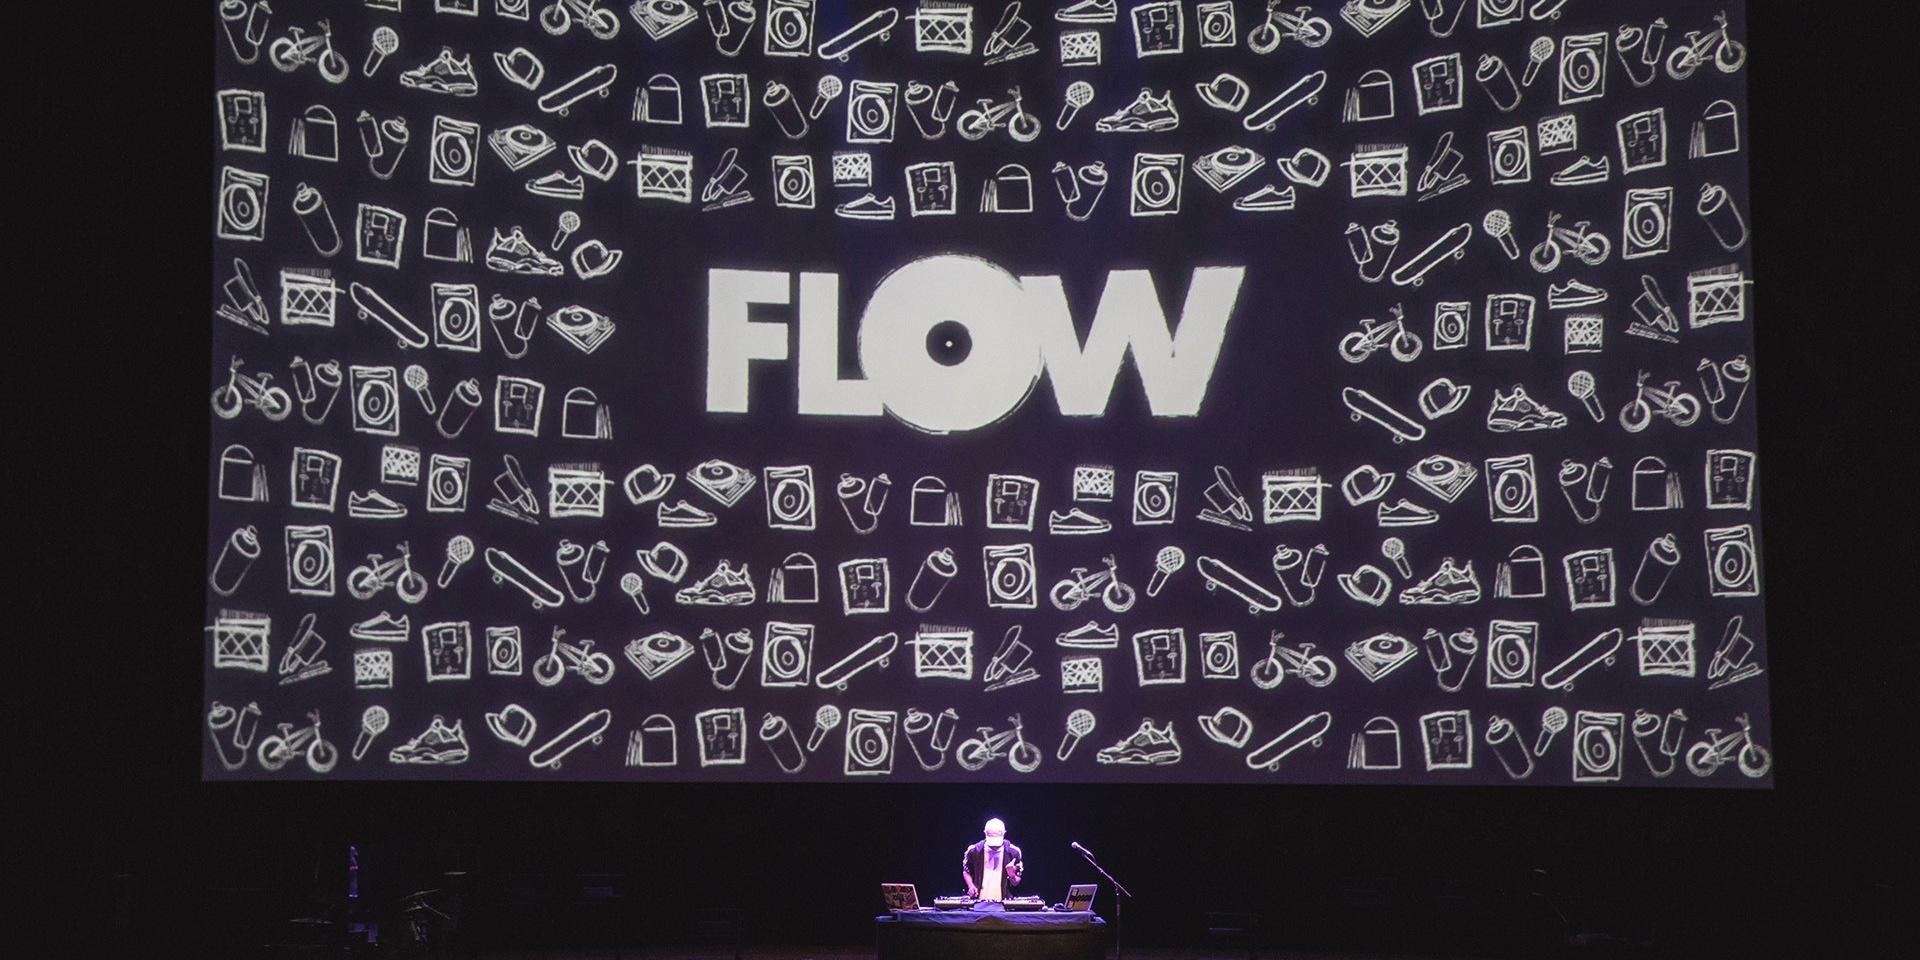 DJ KoFlow brought street culture into Esplanade Concert Hall